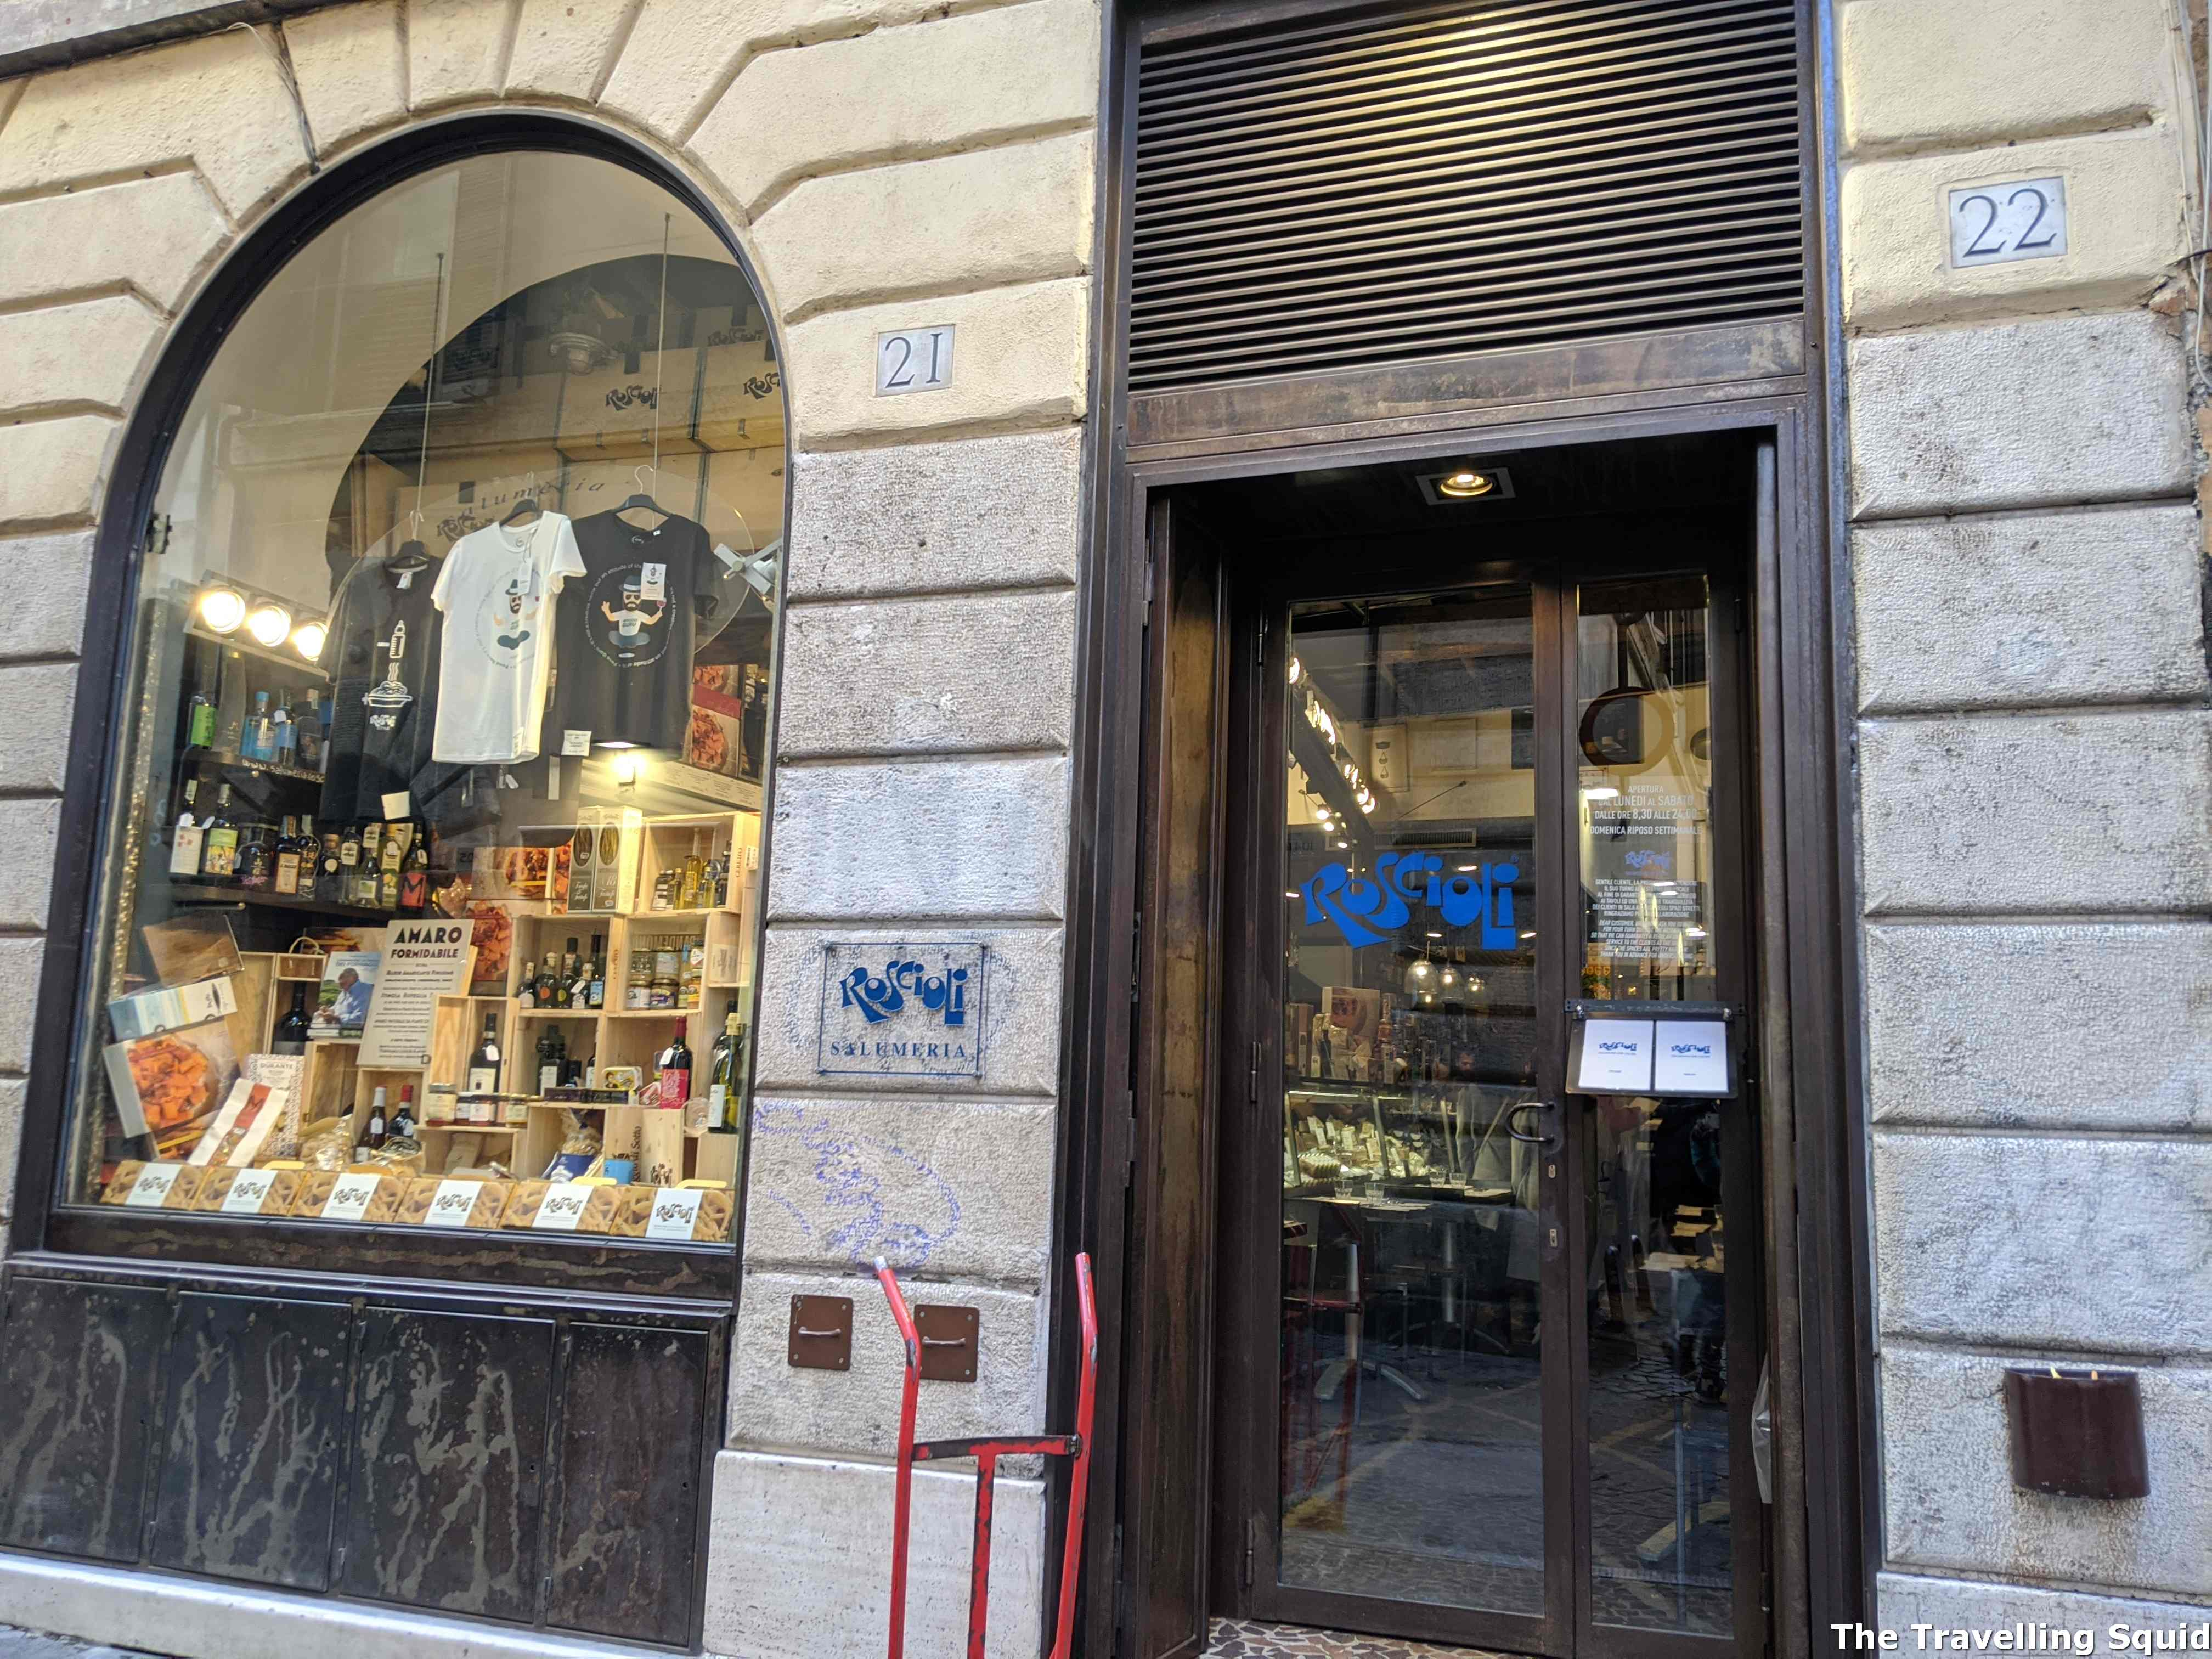 Roscioli in Rome for authentic Roman cuisine